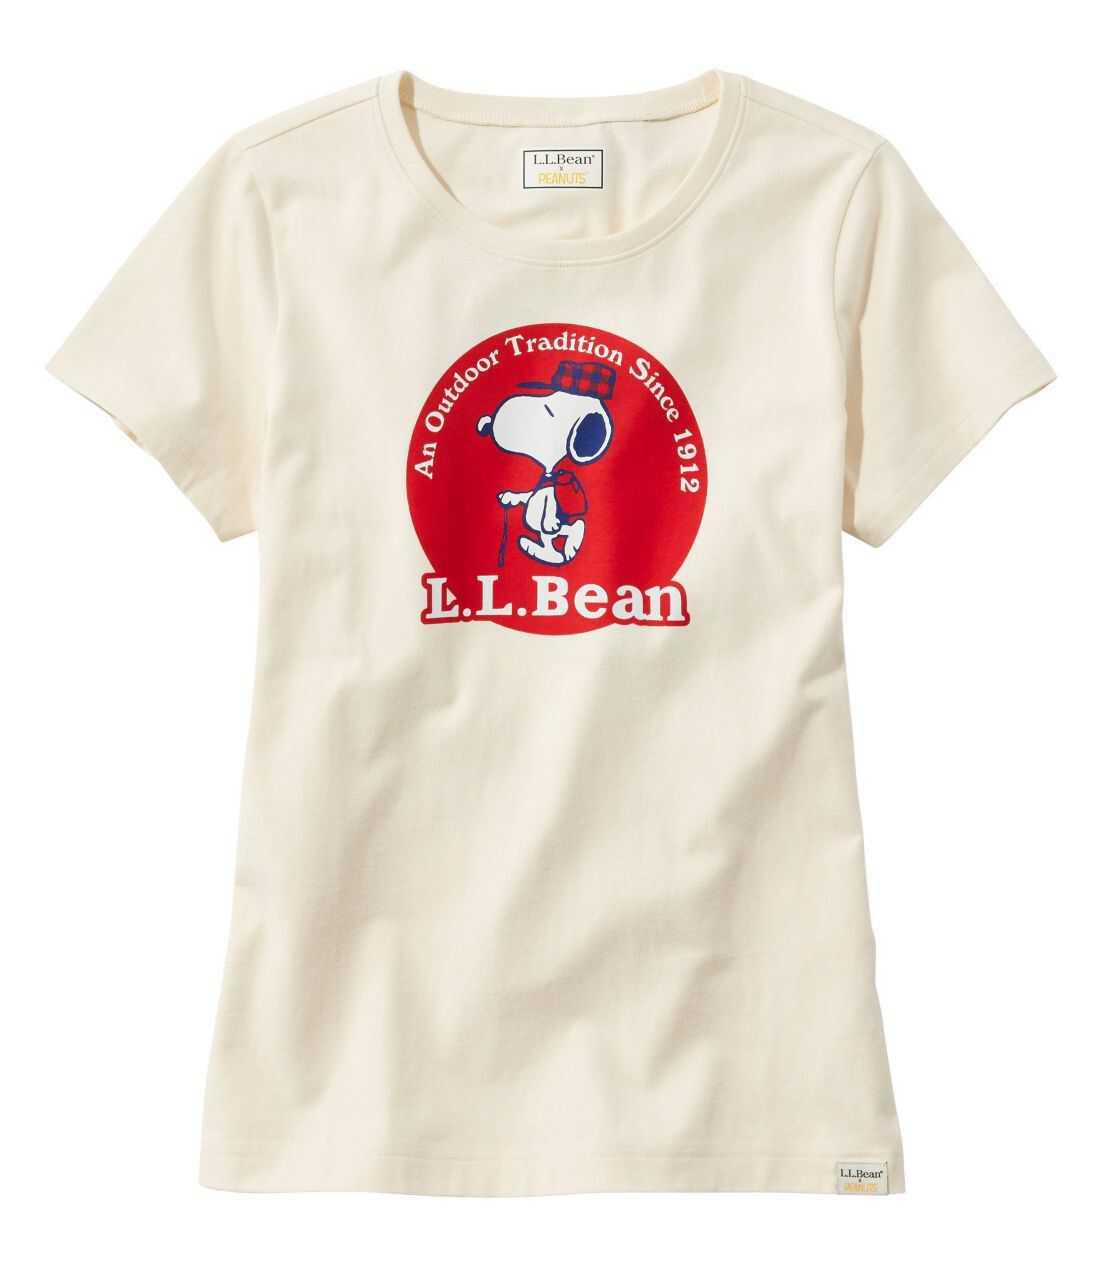 L.L.Bean x Peanuts ティ、半袖